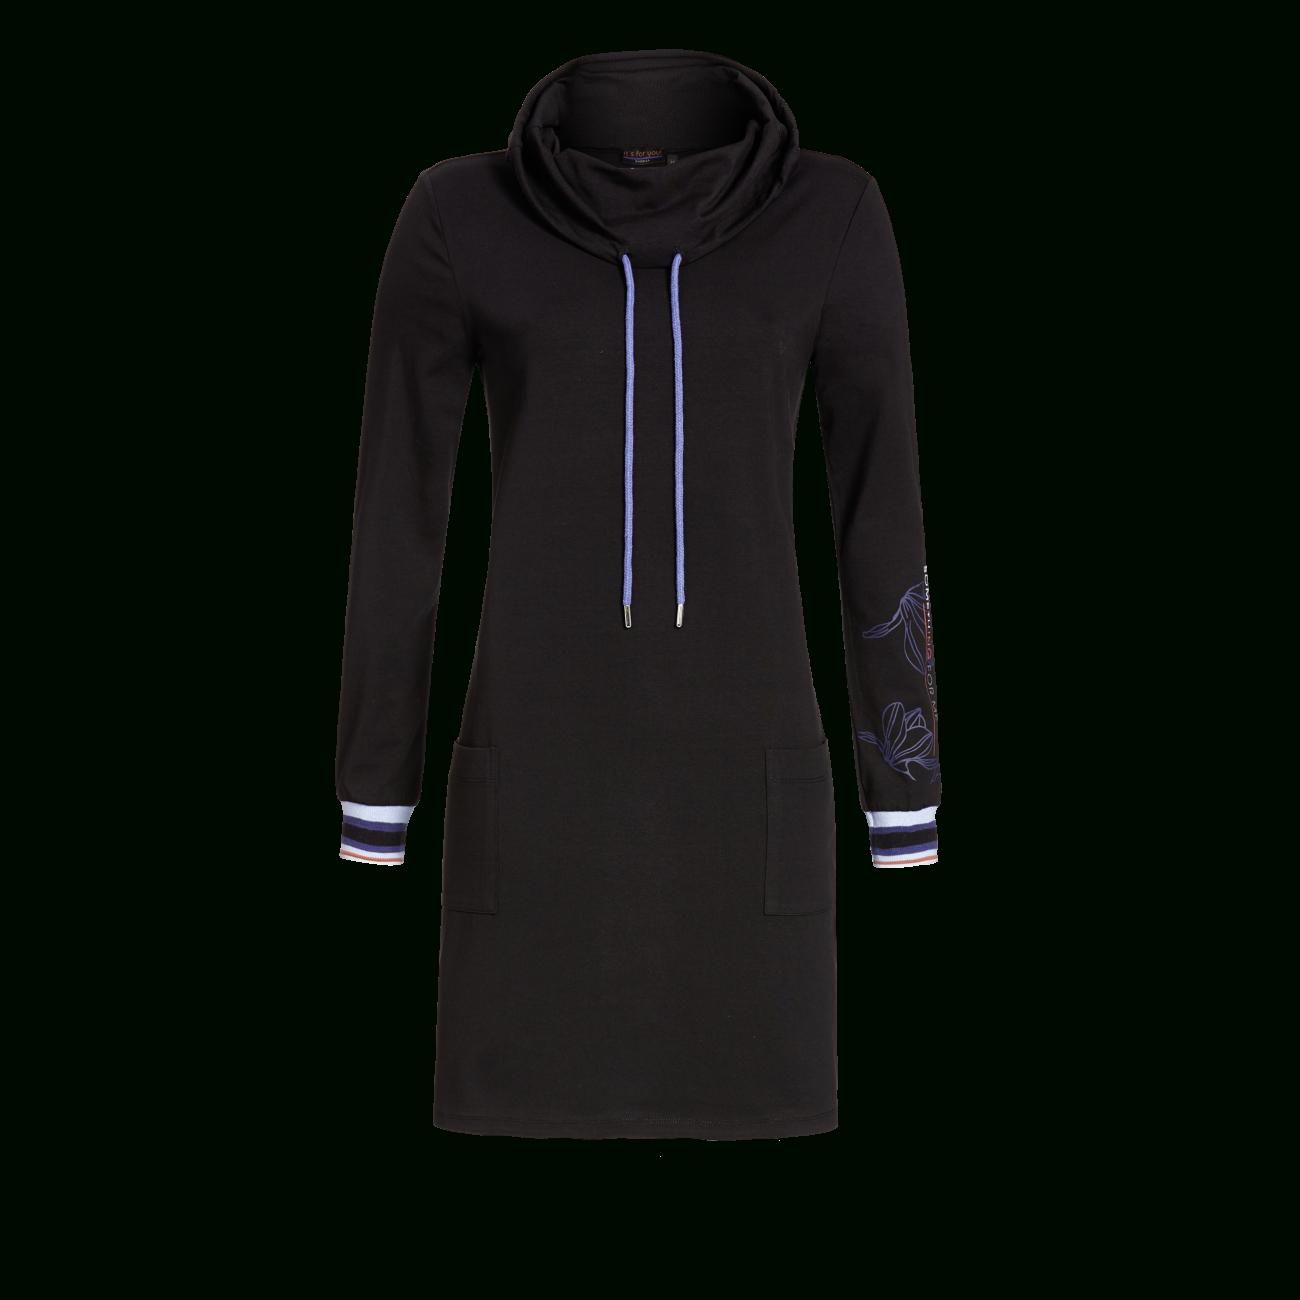 Kleid Mit Stehkragen Und Kordel Ab 2248 €  Mode Direkt